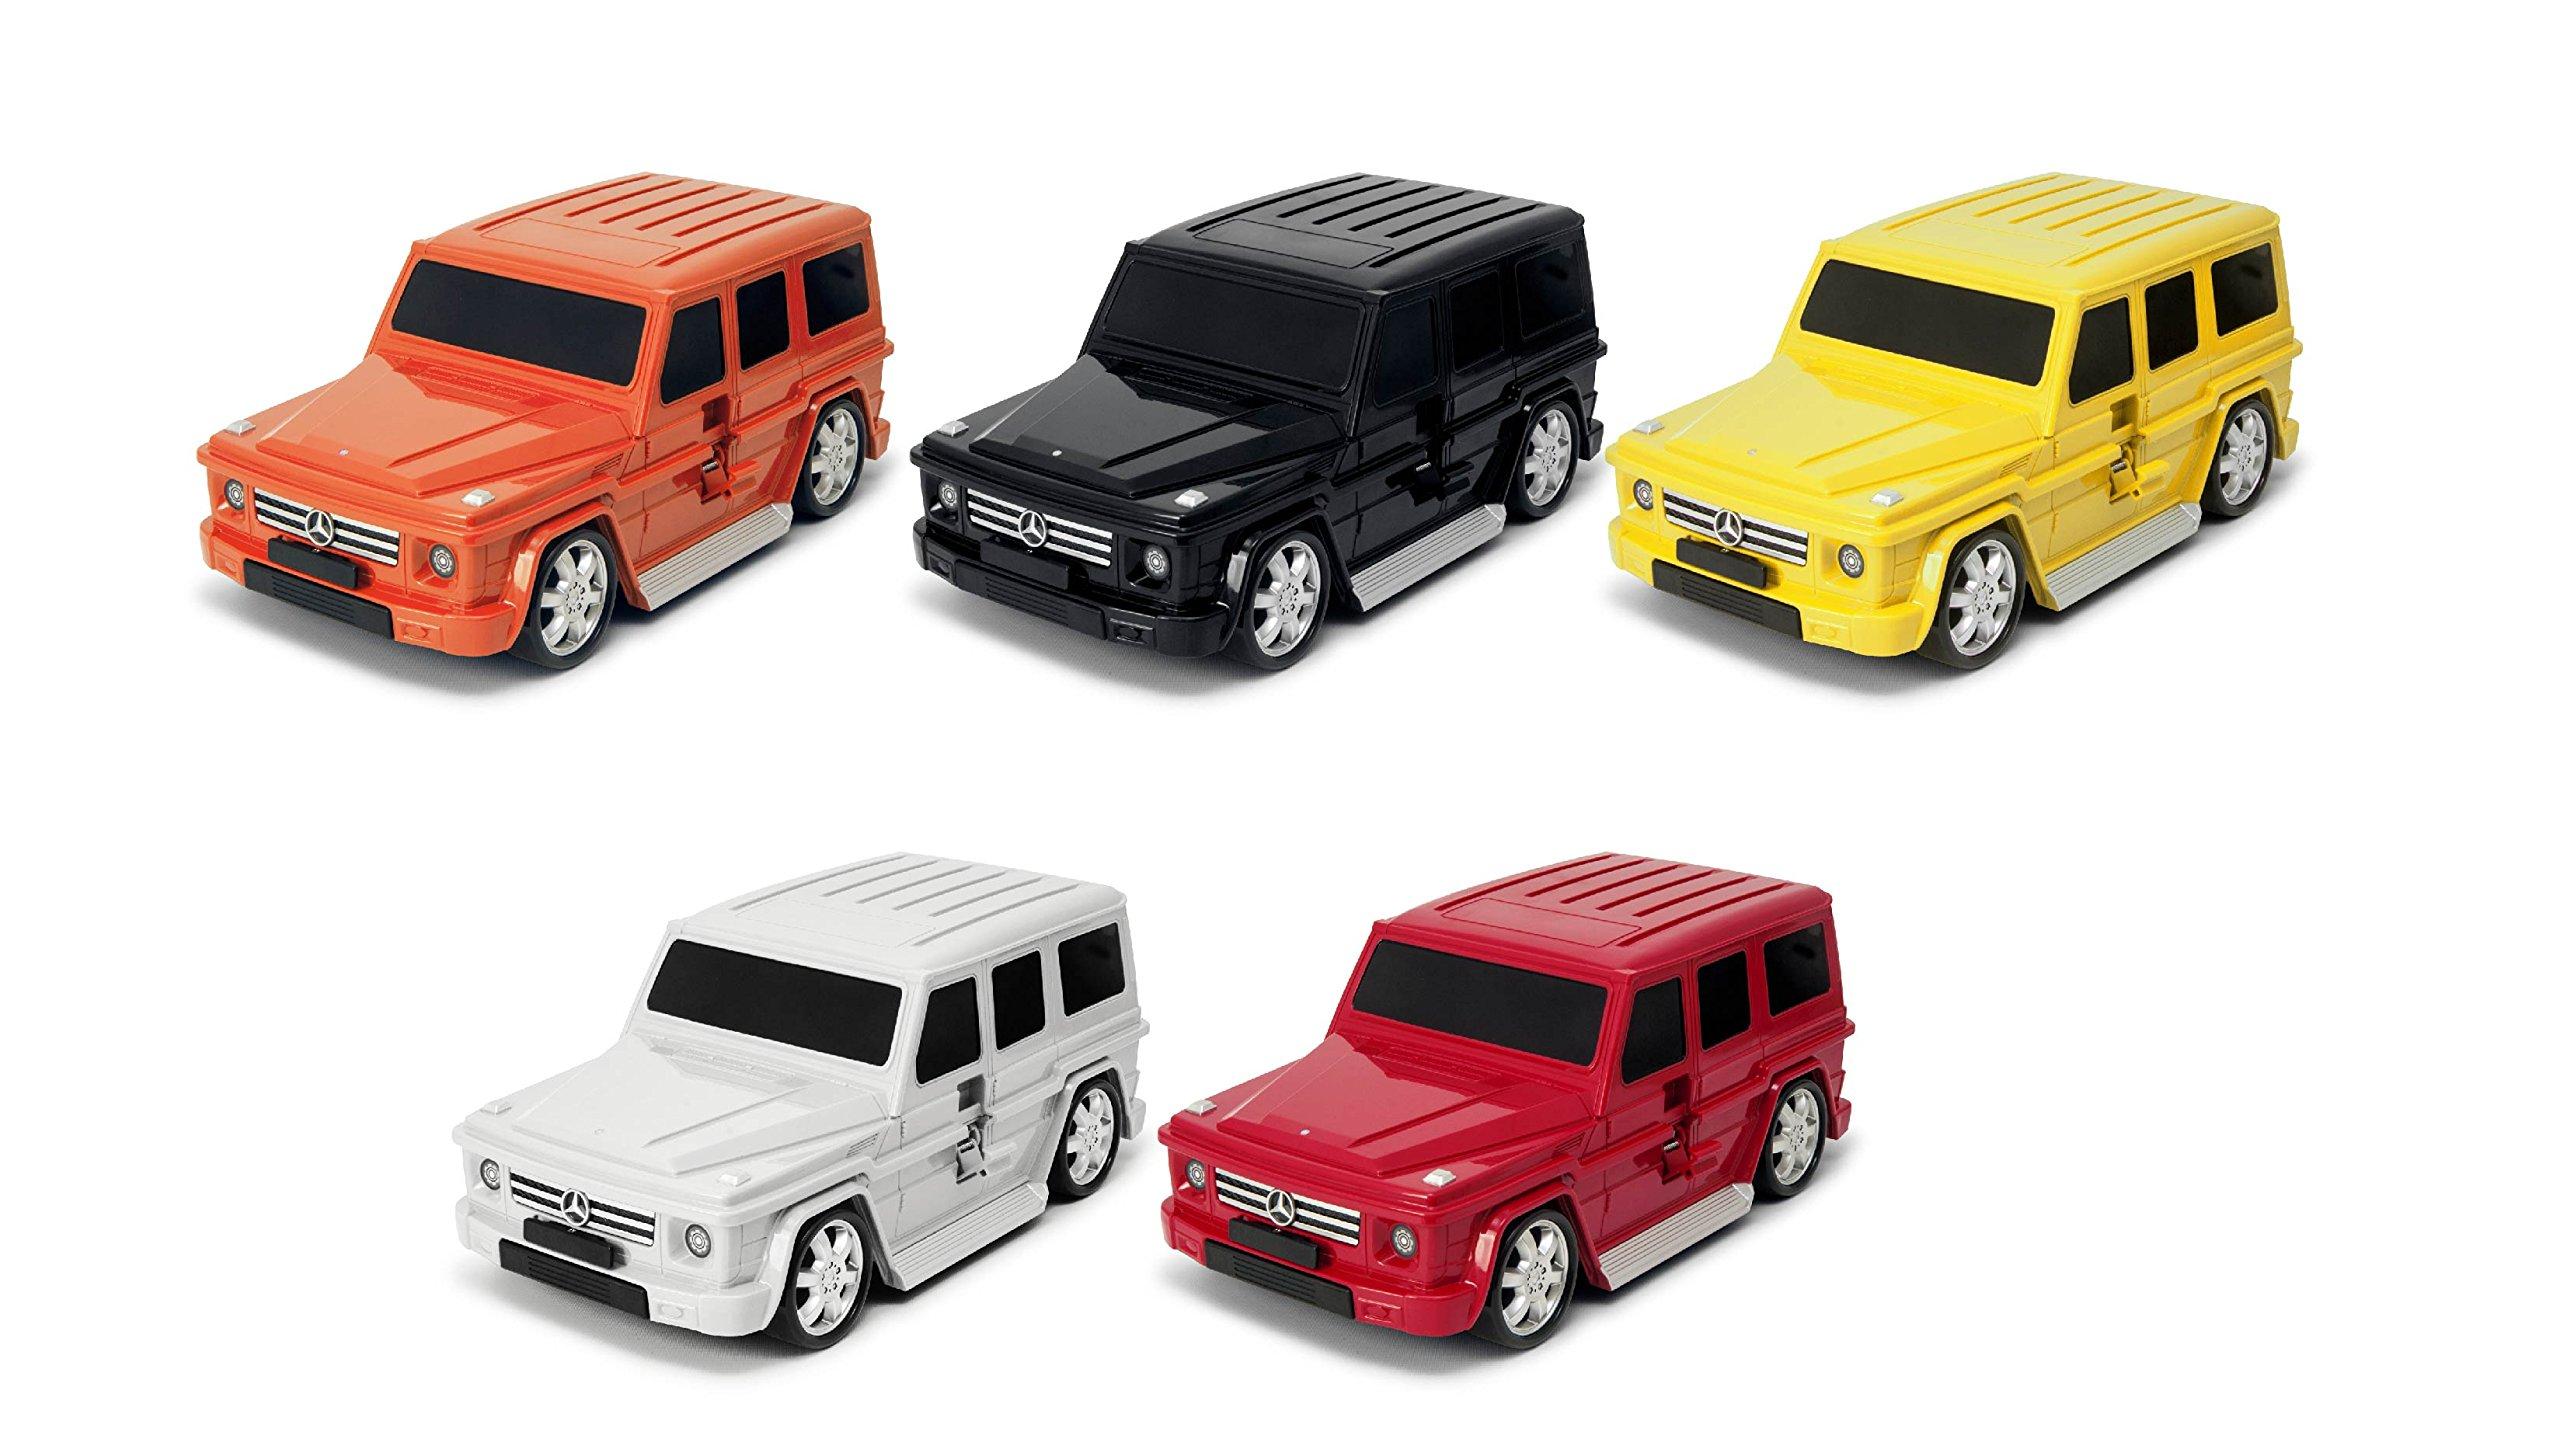 Packenger-Kinderkoffer-Mercedes-G-Klasse-Original-Mercedes-Benz-Lizenzprodukt-Auto-Bordcase-Koffer-mit-Teleskopstange-und-Ziehgurt